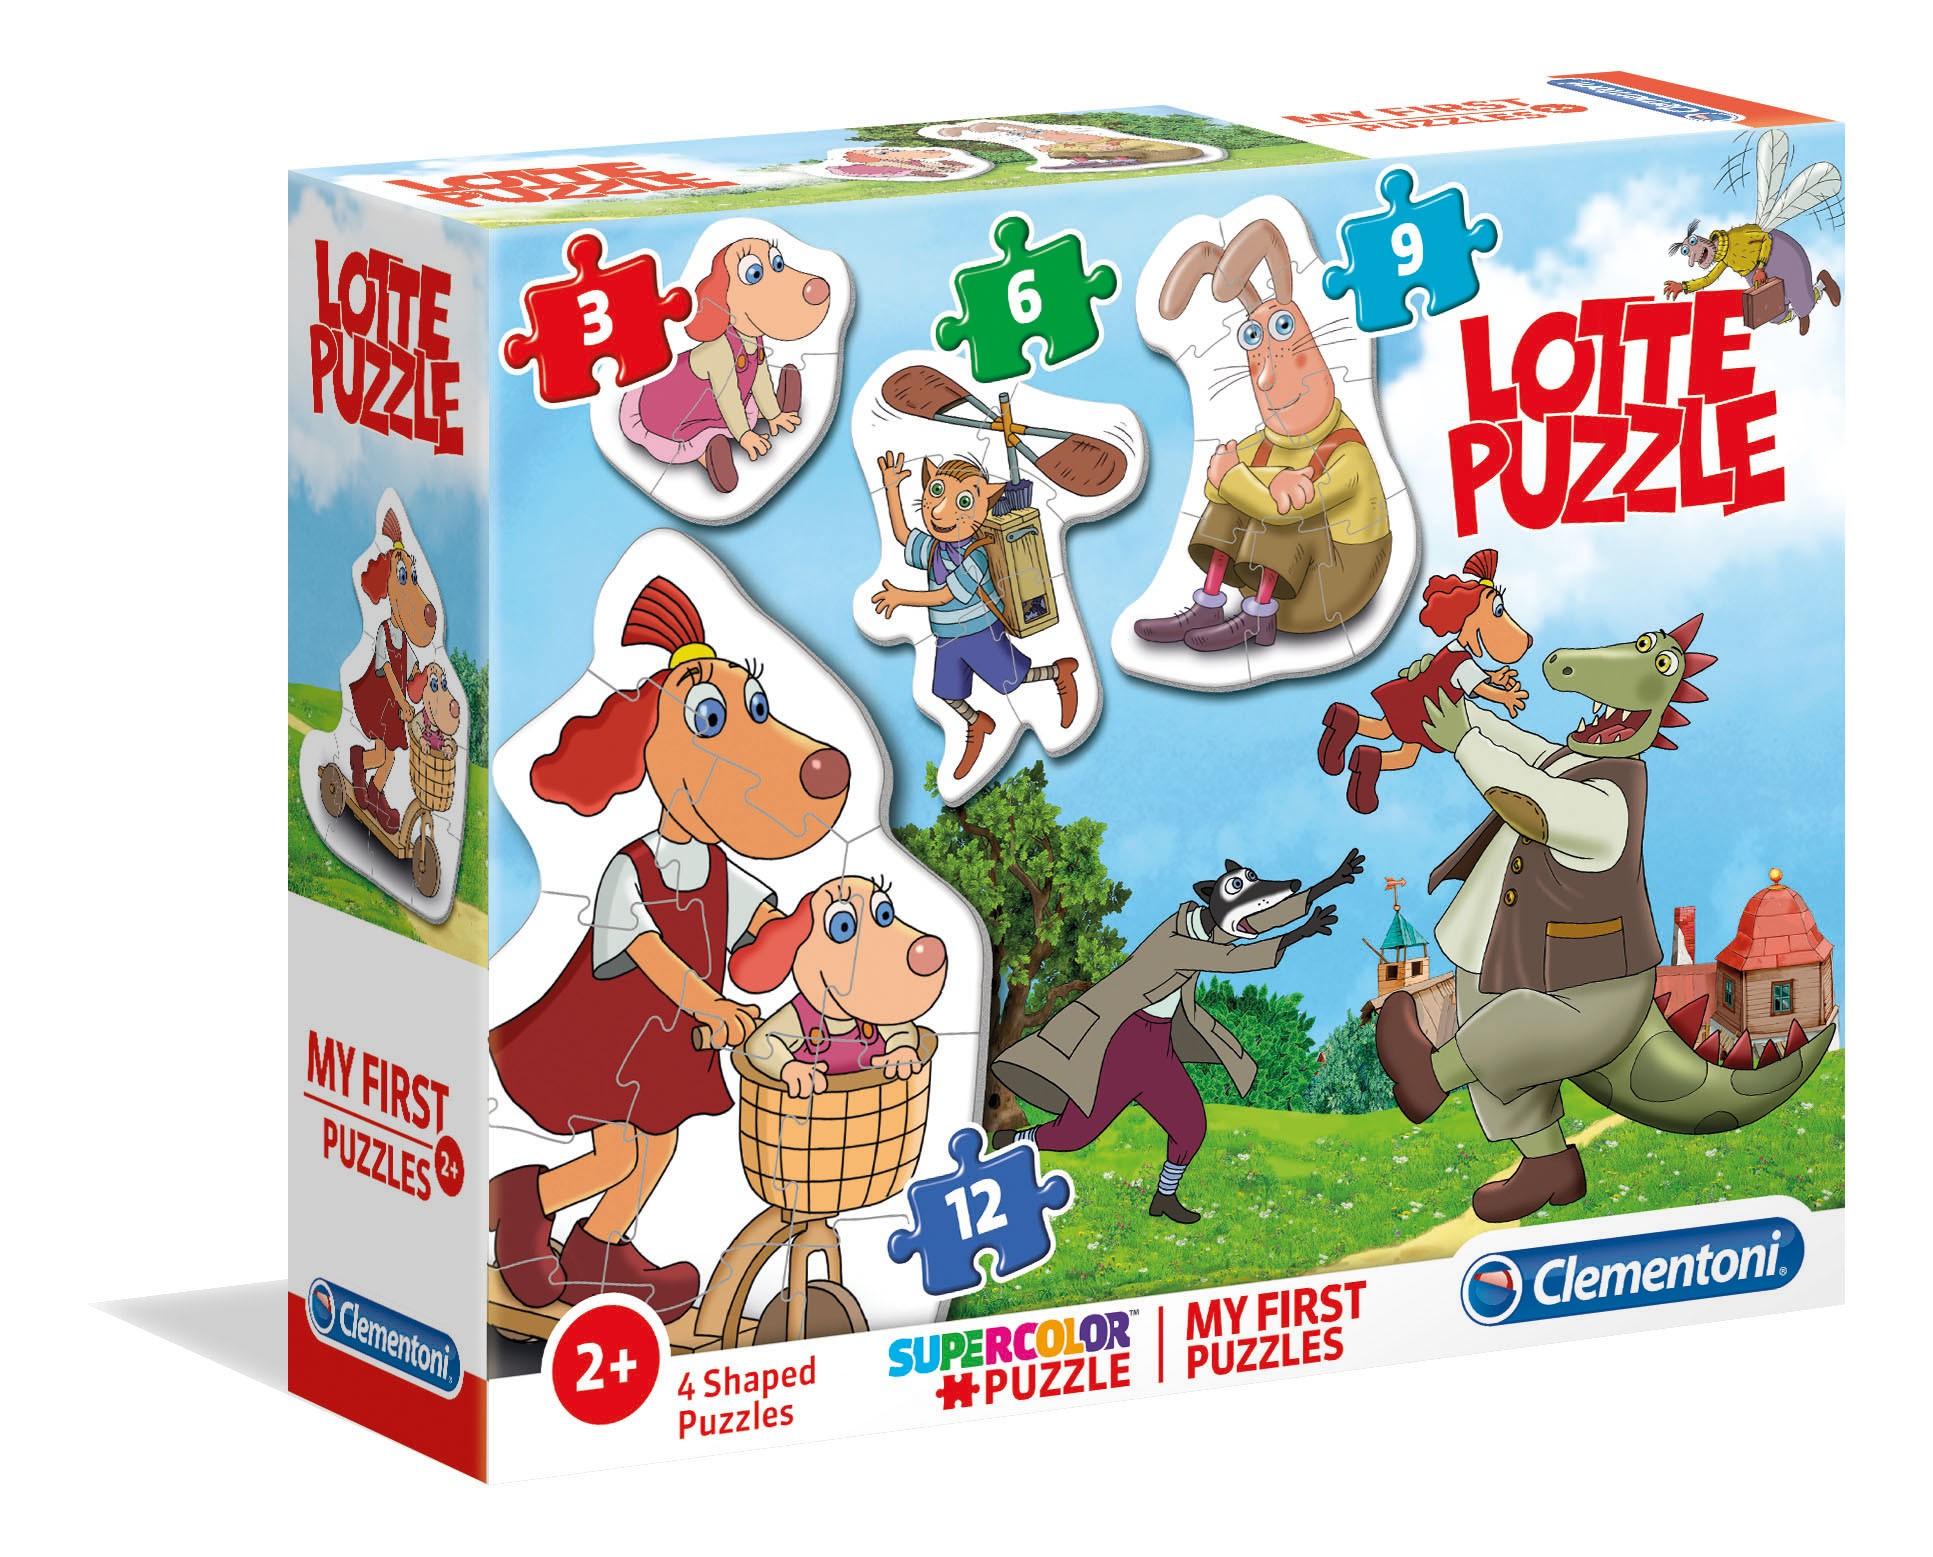 Lotte puzzle